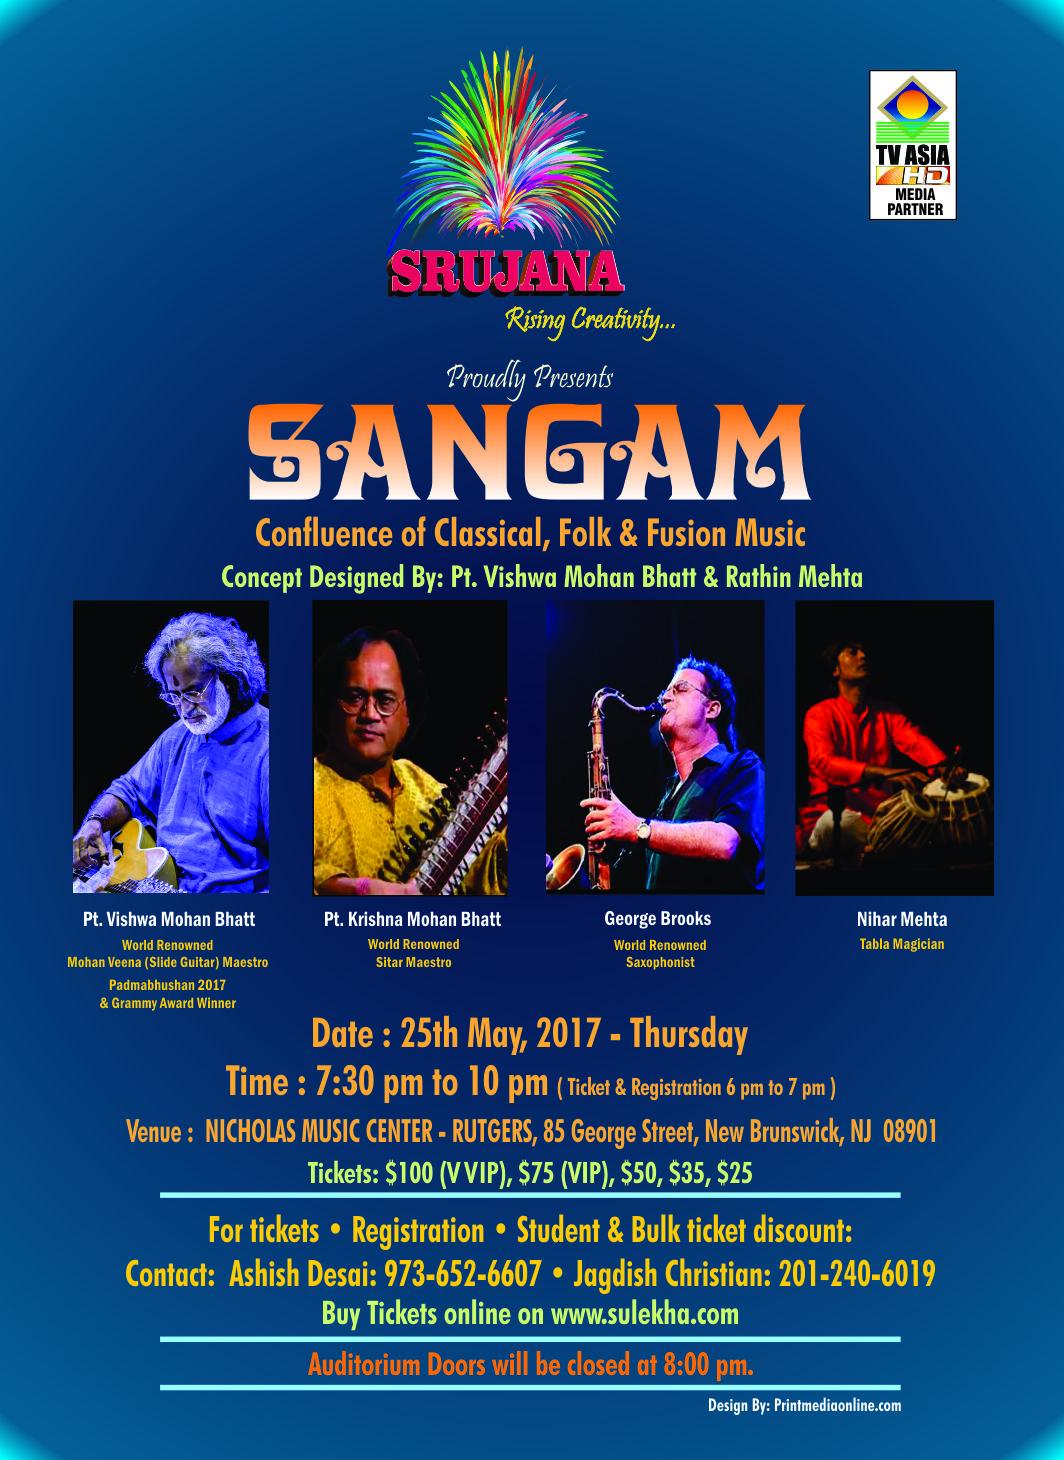 Srujana_postcard